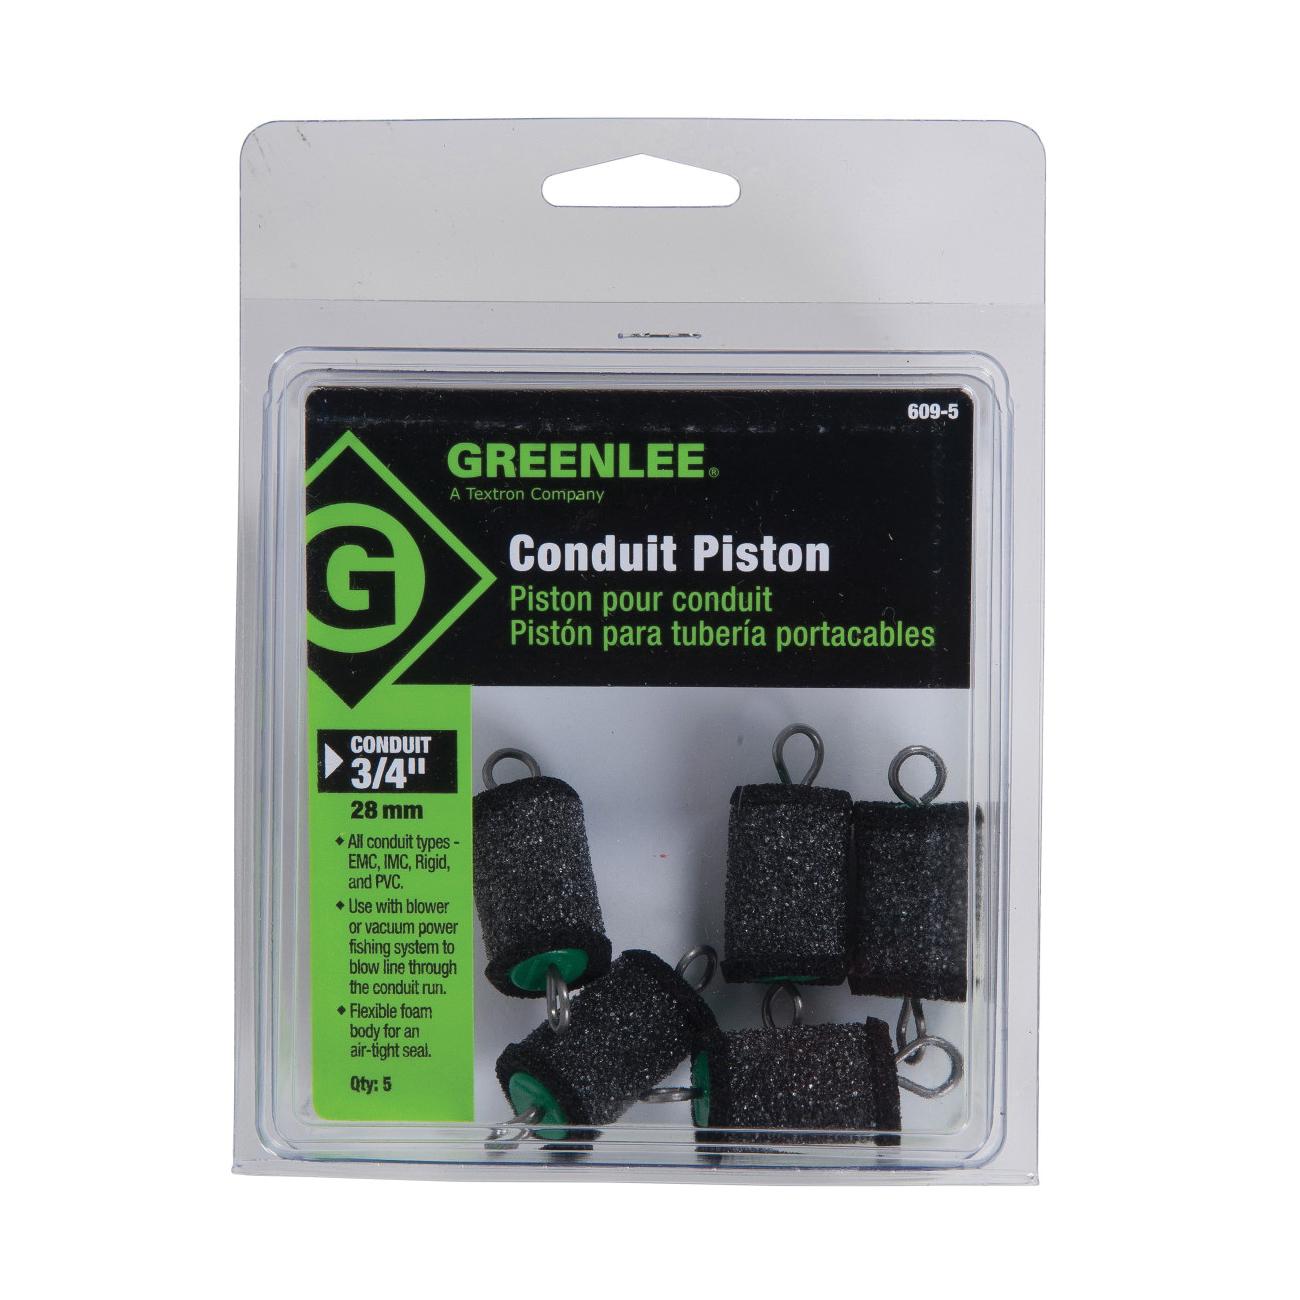 Greenlee_609_5